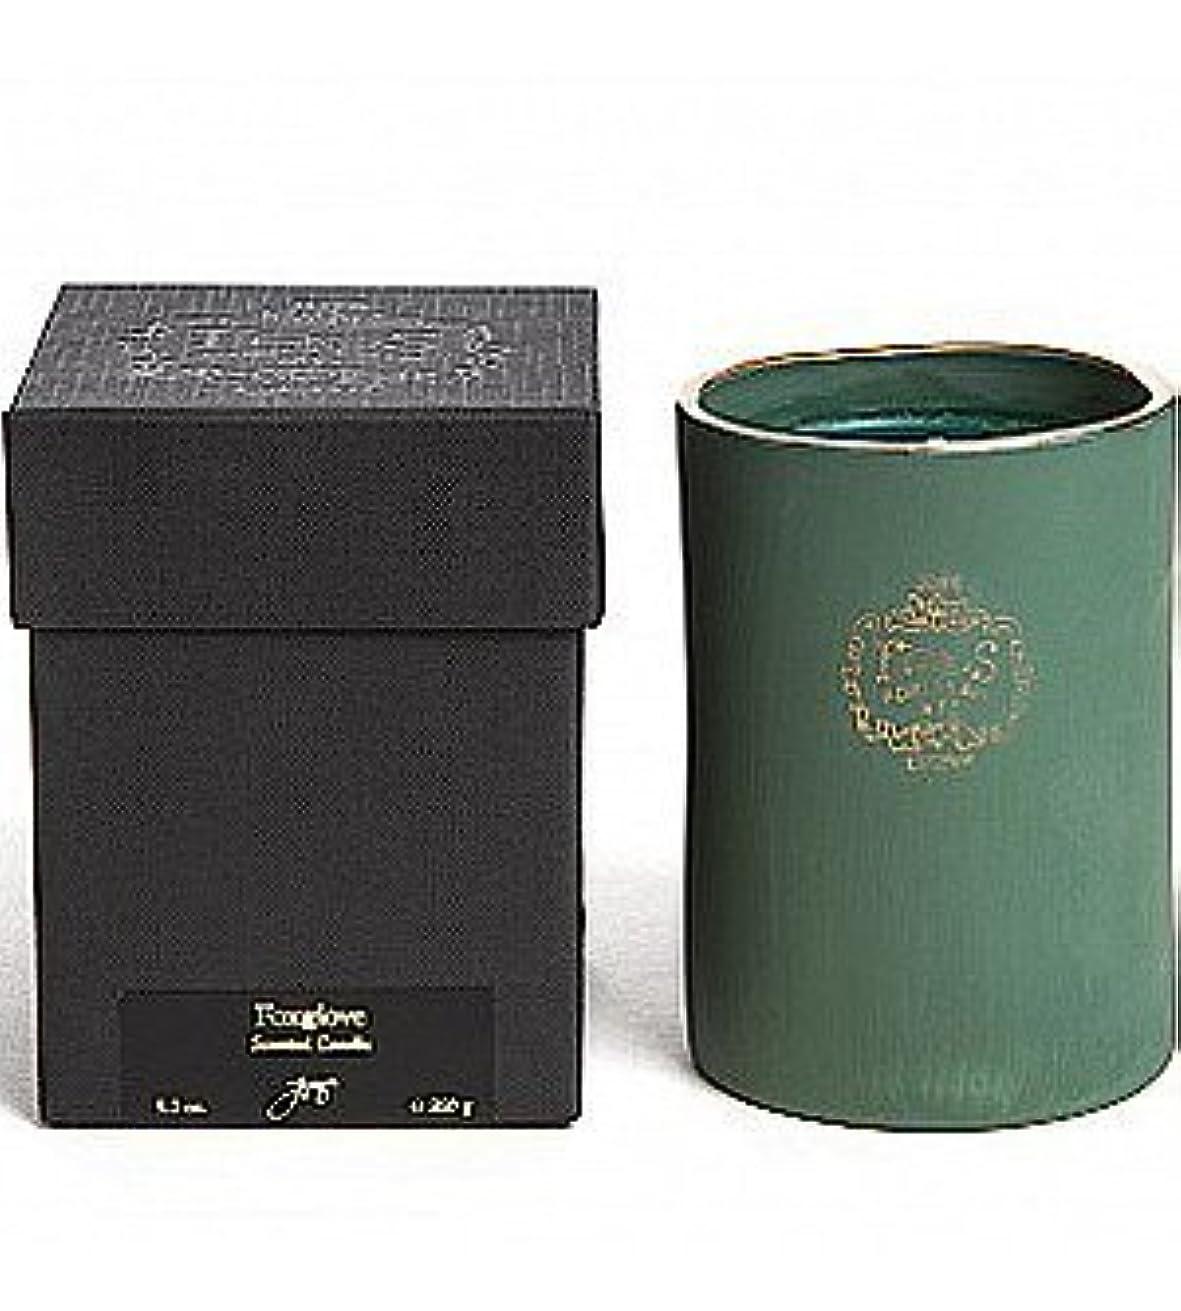 対処高潔な死すべきFoxglove Scented Candle 9.2 oz by Joya [並行輸入品]